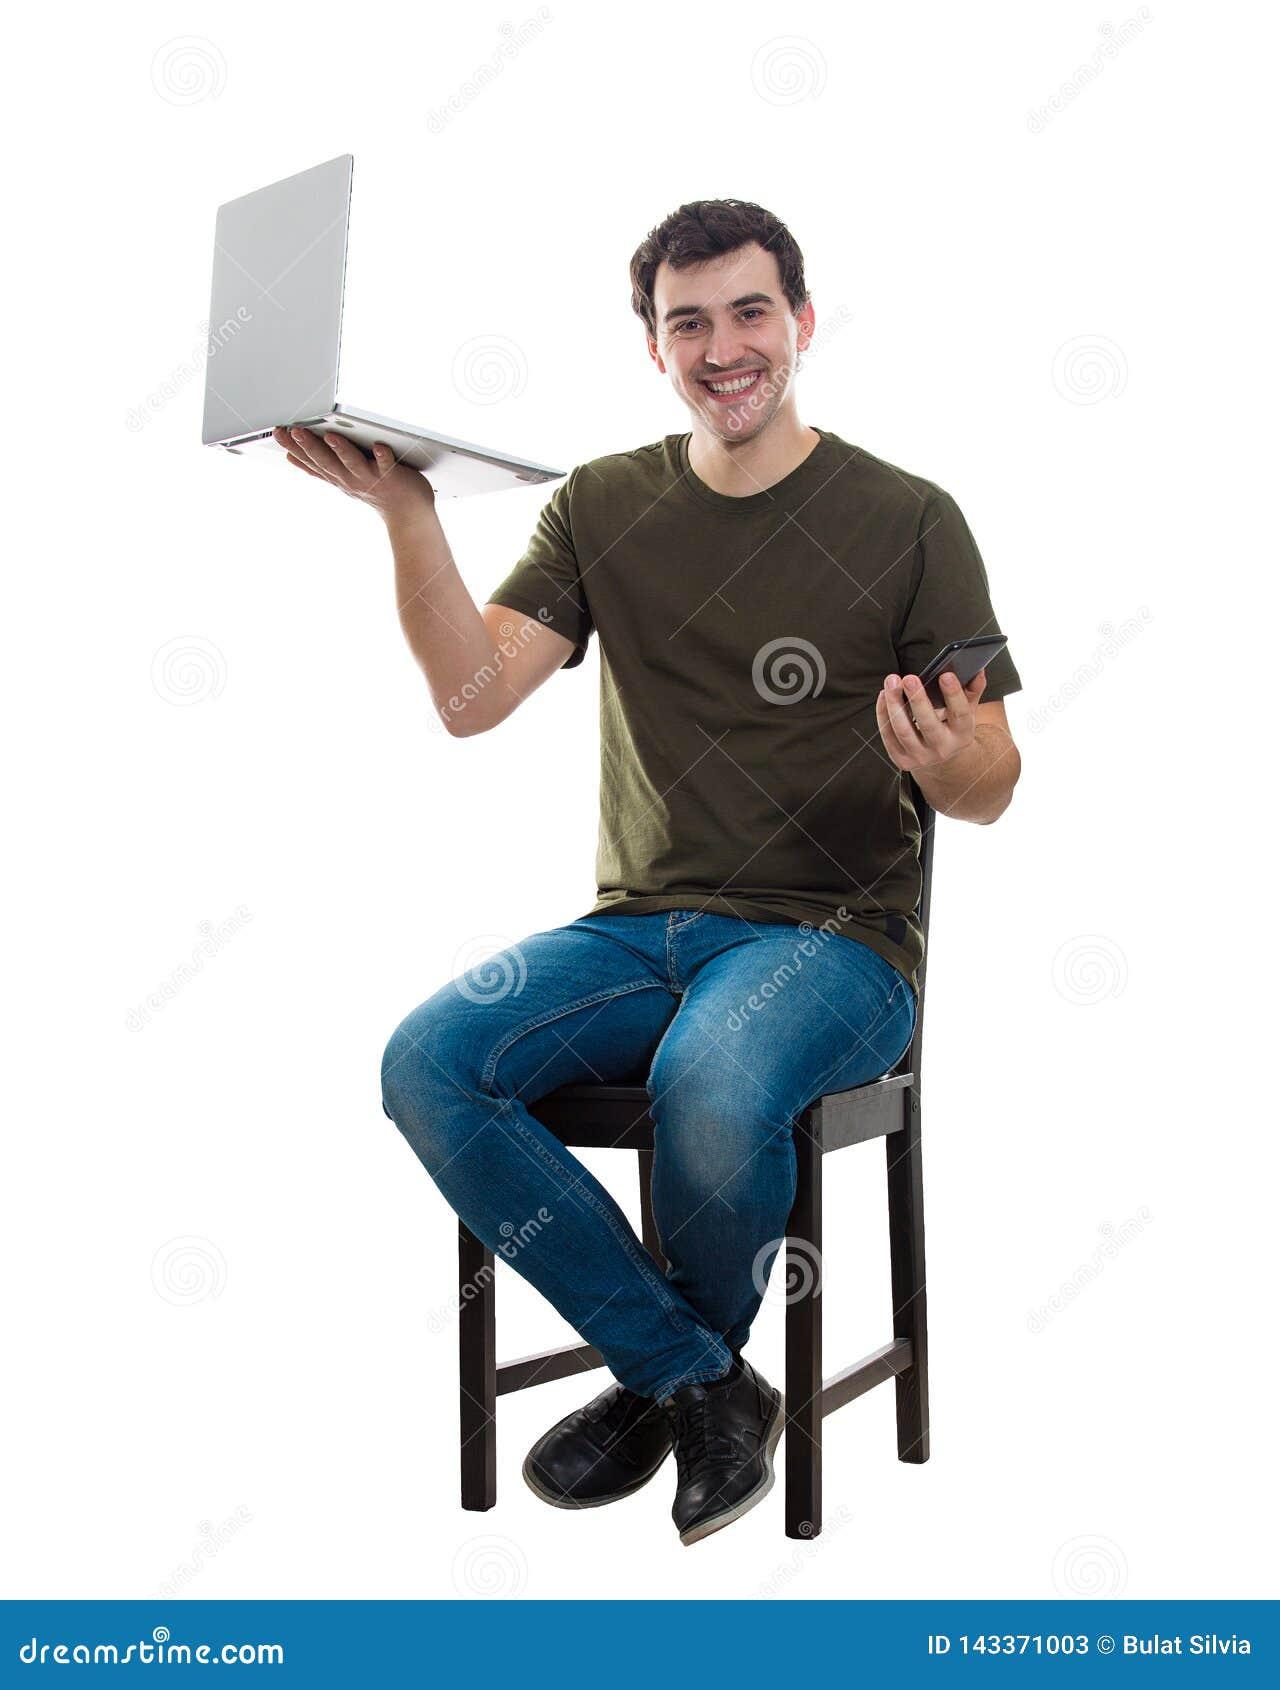 Mannen jämför apparater